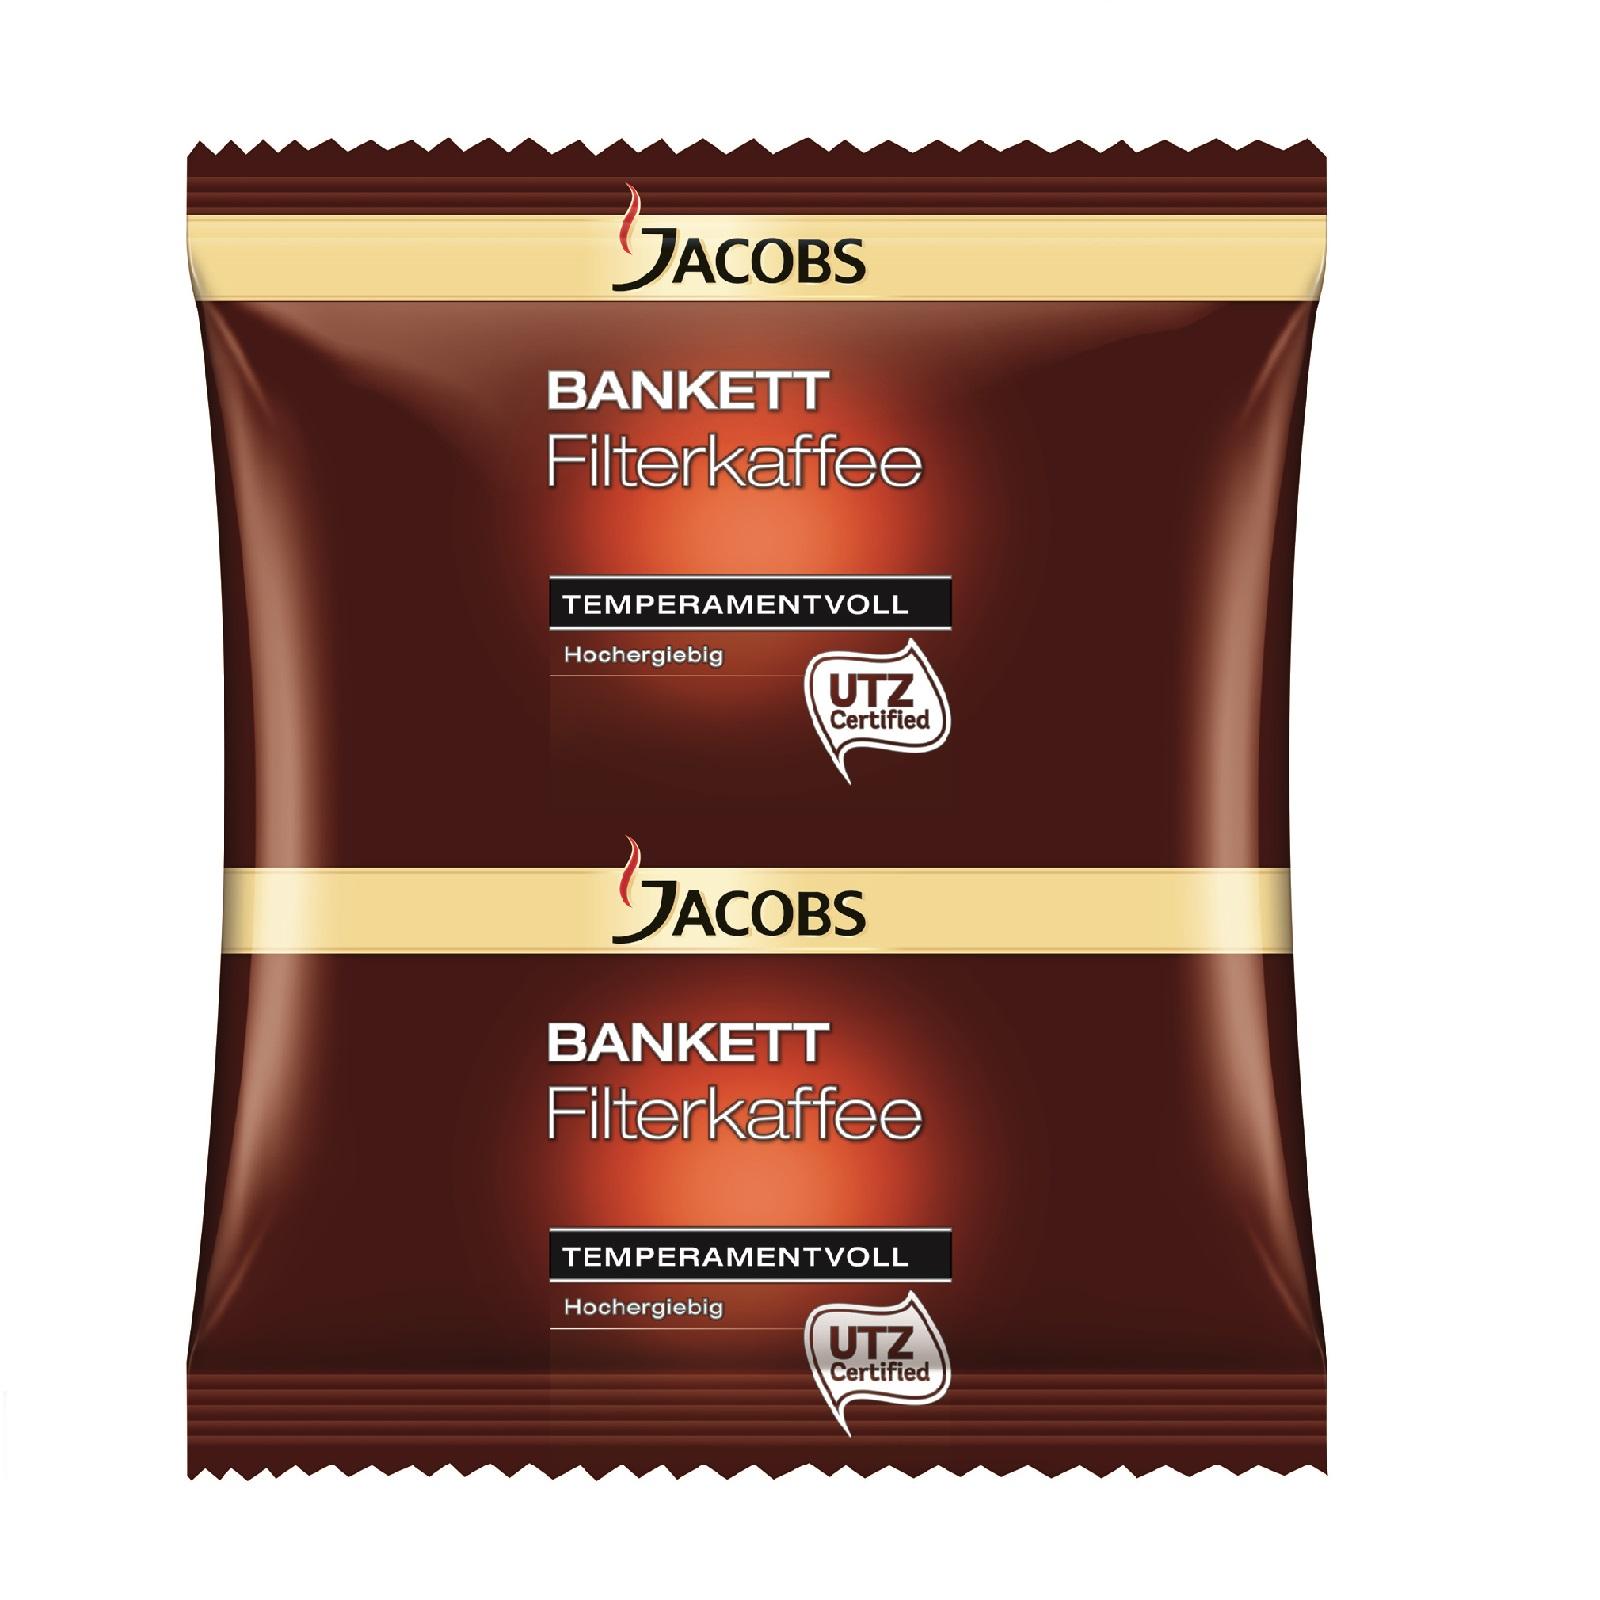 Jacobs Bankett Temperamentvoll 80 x 60g Kaffee gemahlen